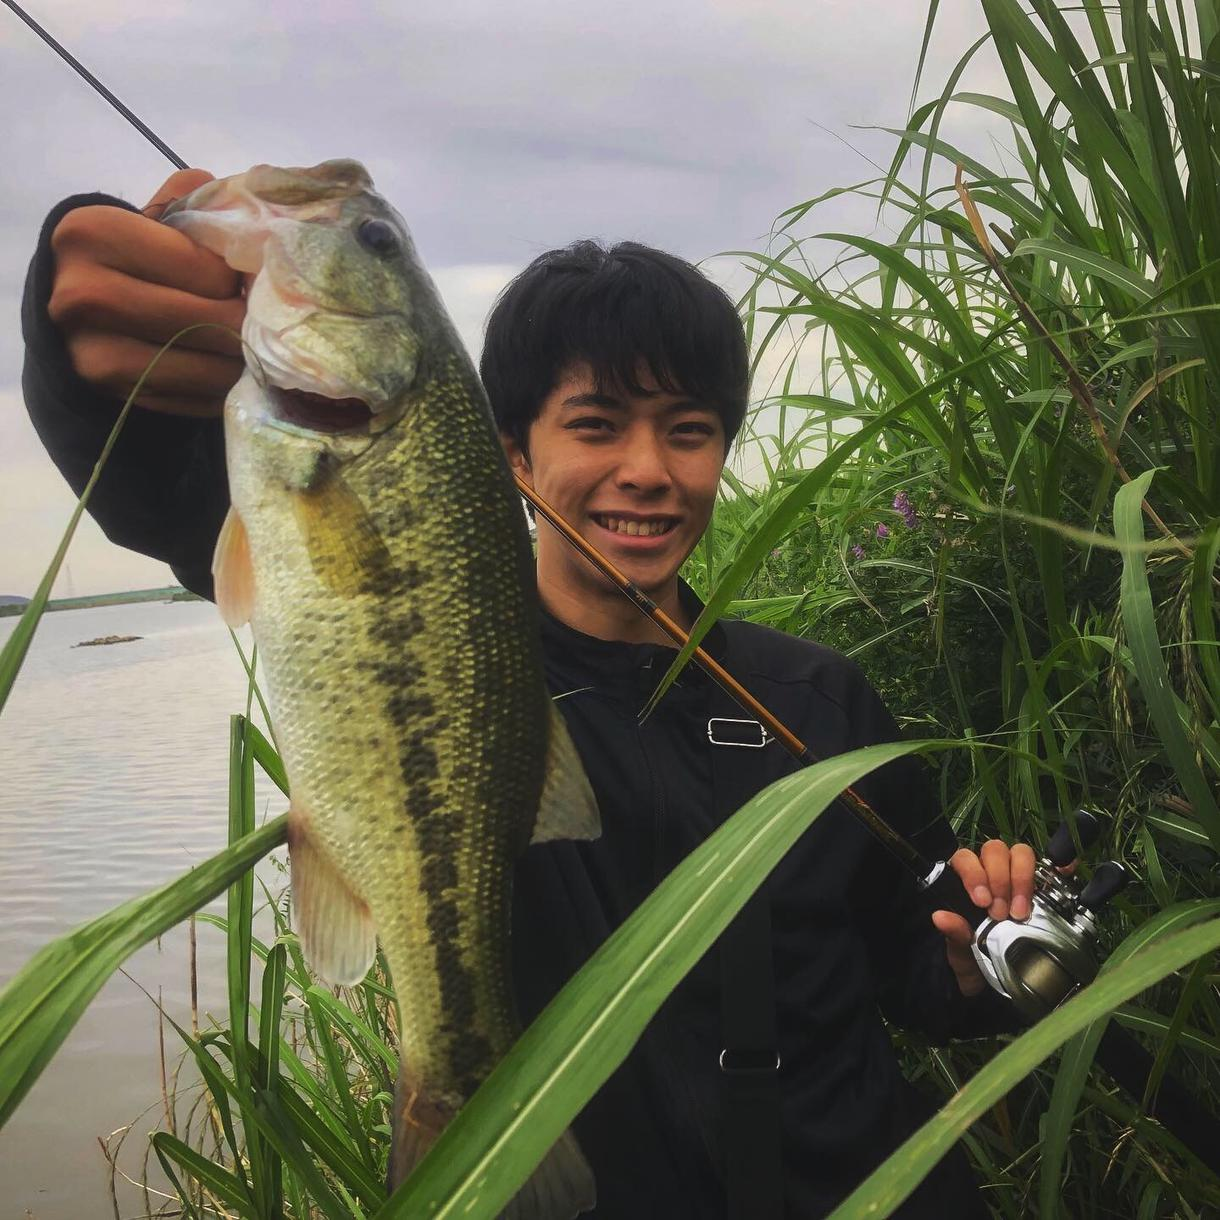 魚がより釣れる!をサポートします バス釣りトーナメント出場中です!ルアー釣り全般OKです!